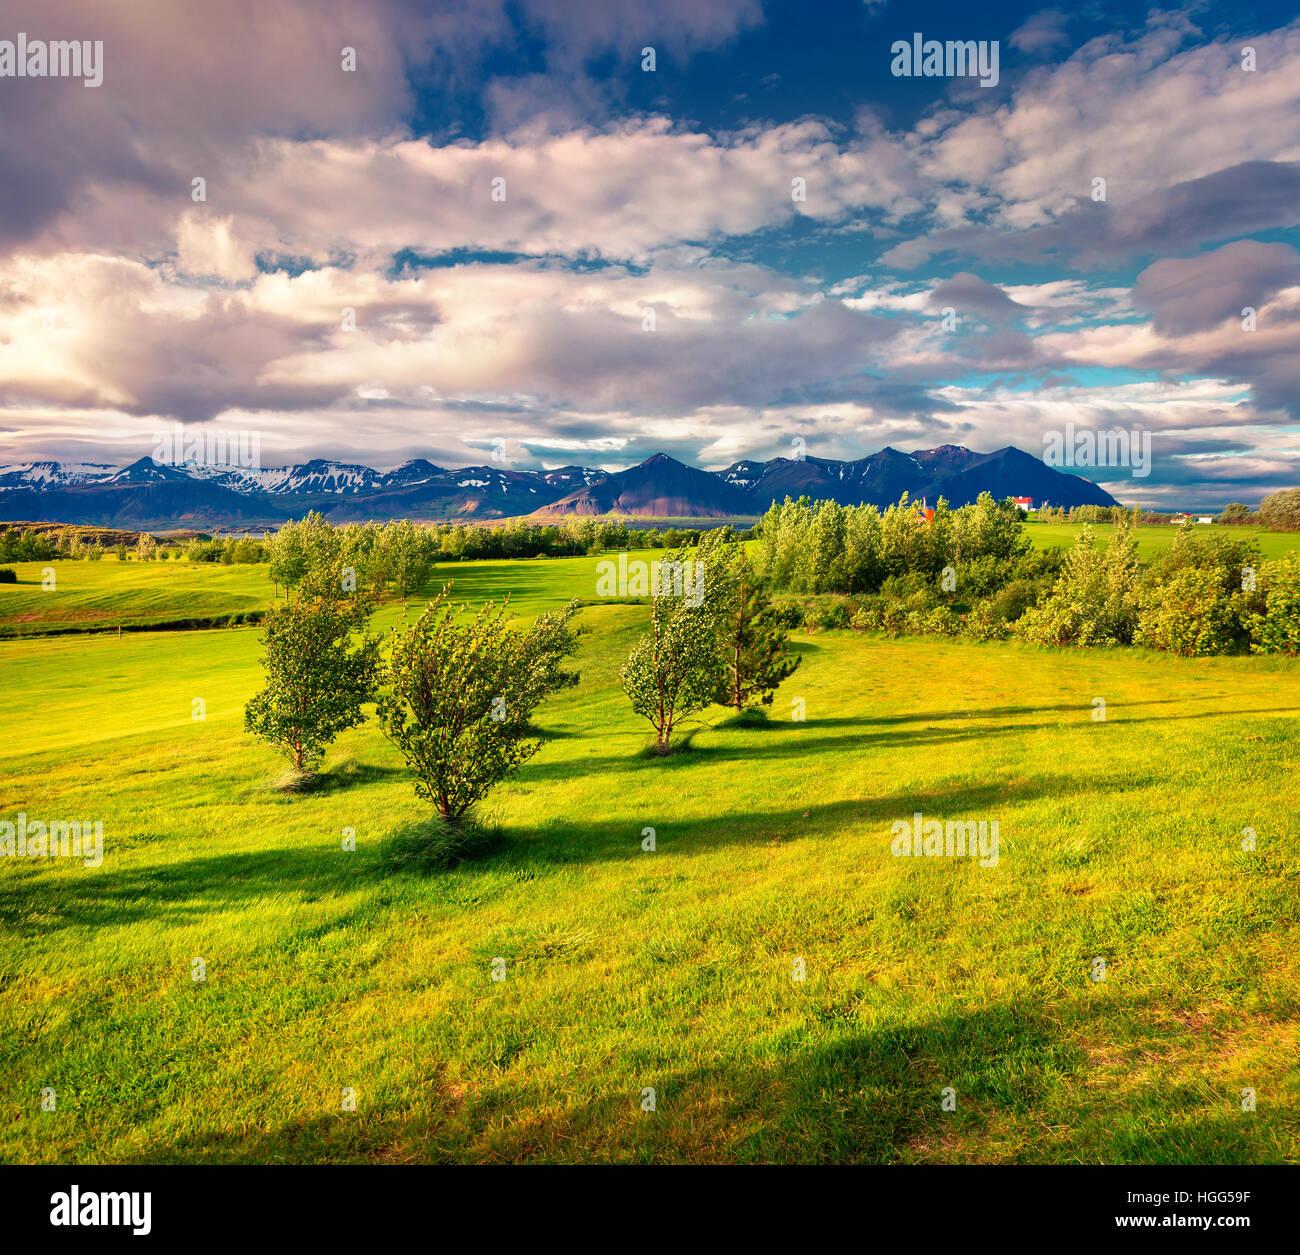 Paysage islandais colorés avec domaine de l'herbe verte dans le juin. Matin ensoleillé dans la côte Photo Stock